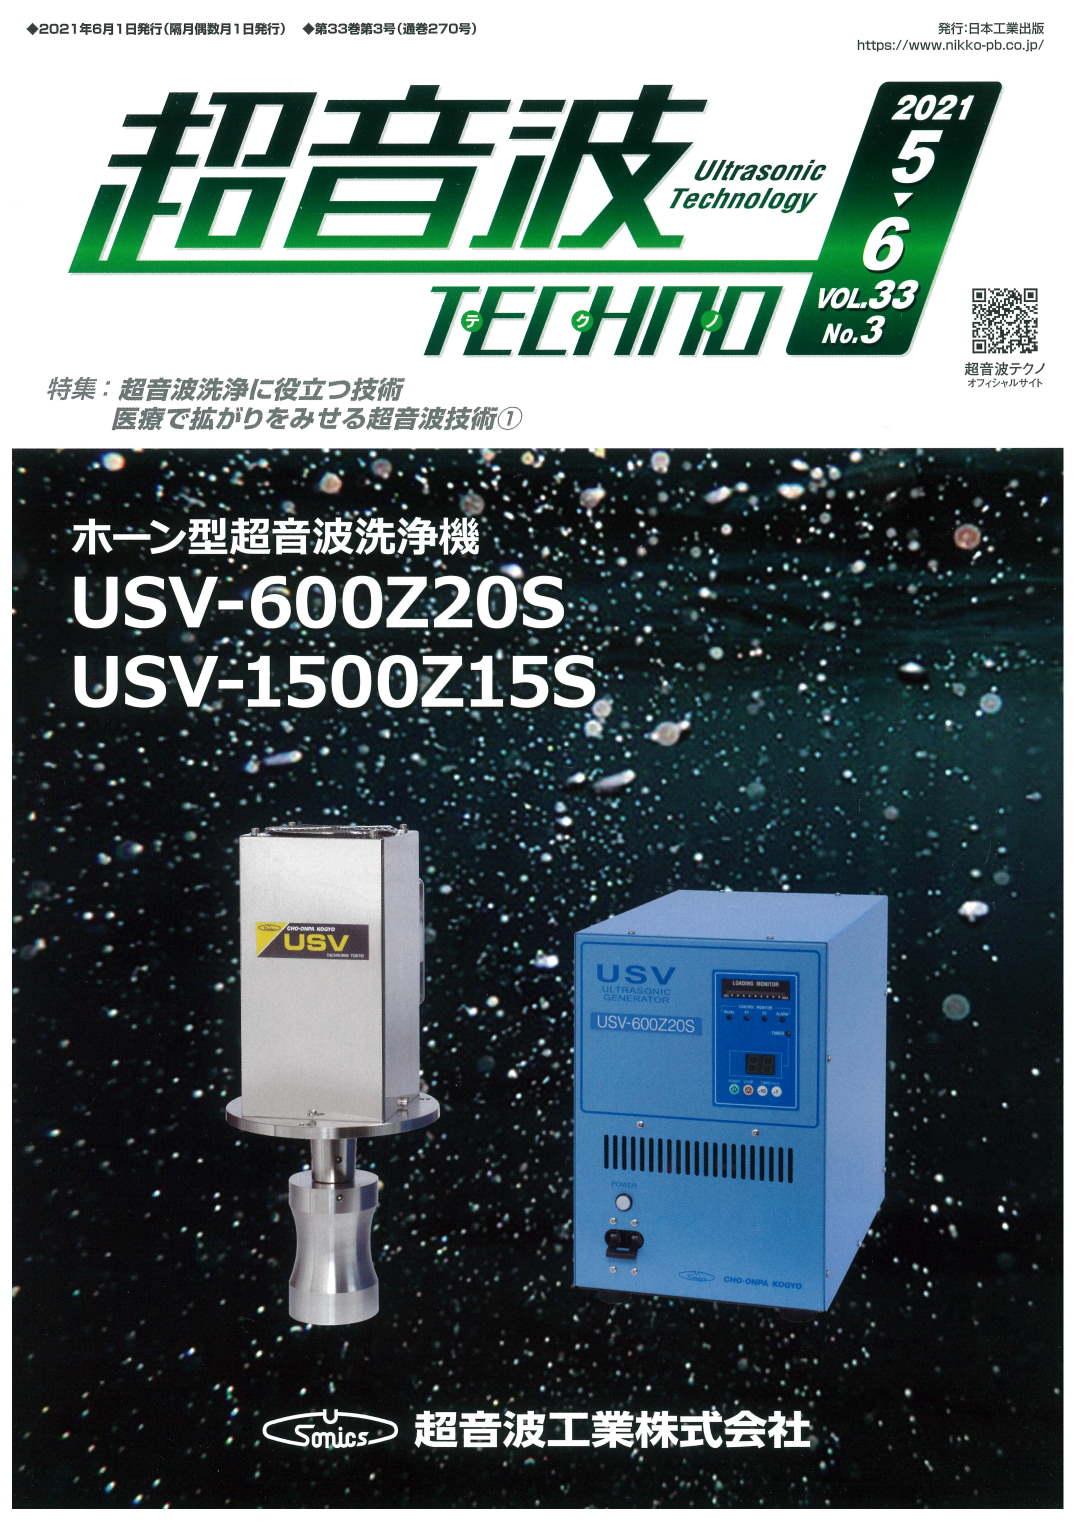 超音波TECHNOの表紙にホーン型洗浄機が掲載されました。